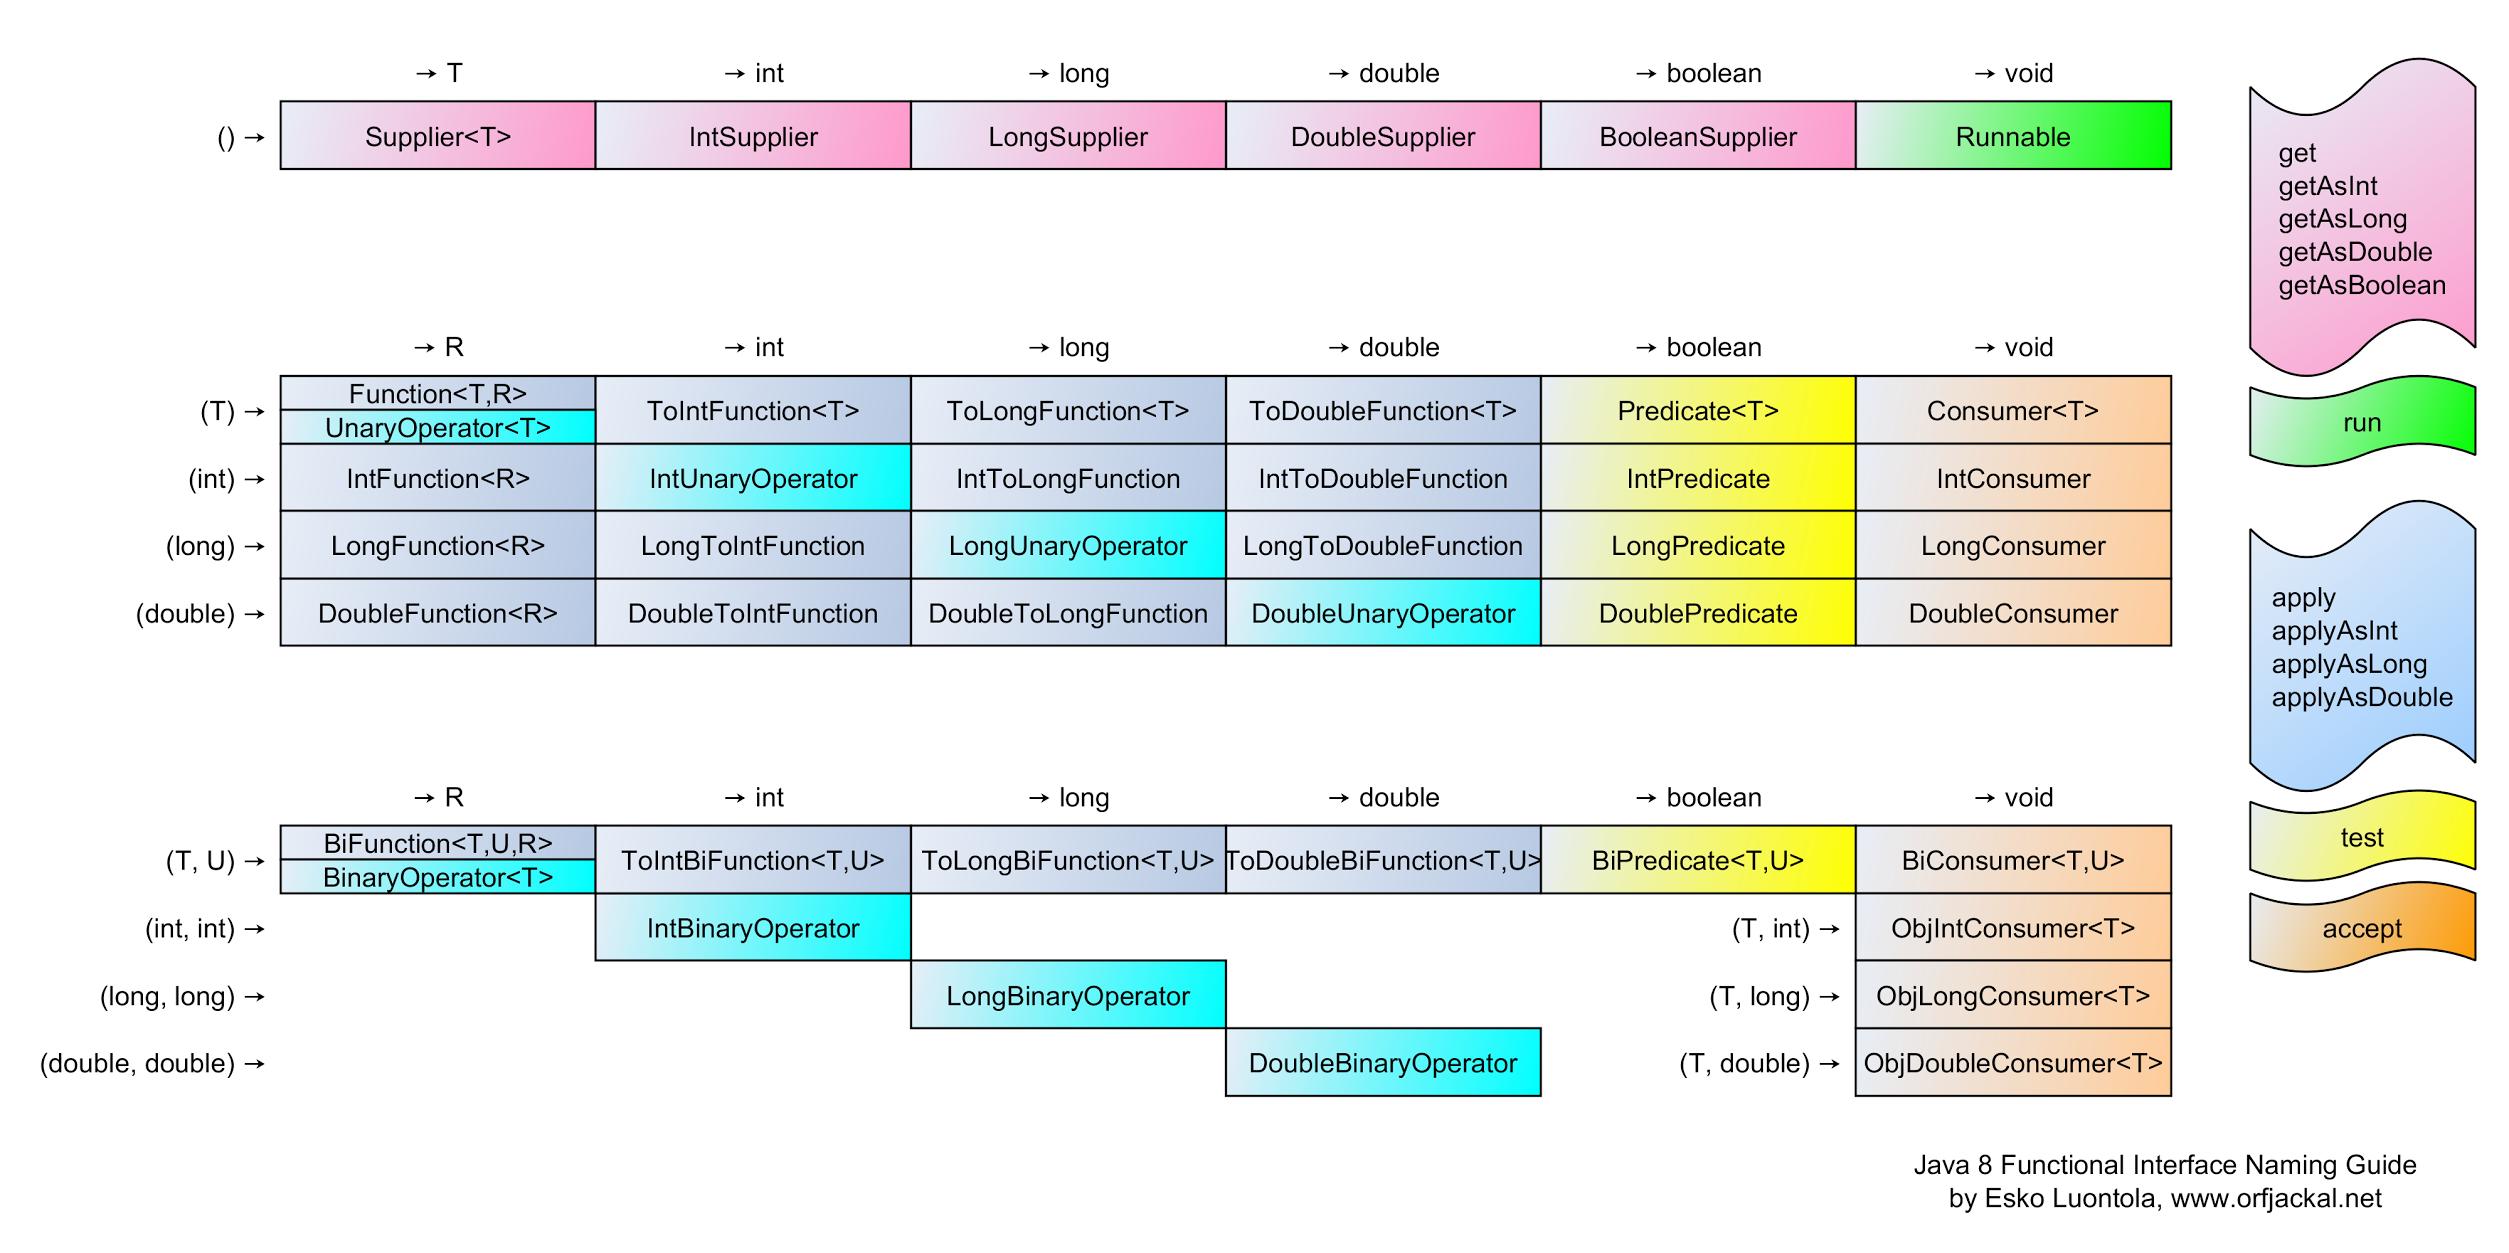 Java 8 Functional Interface Naming Guide « Esko Luontola